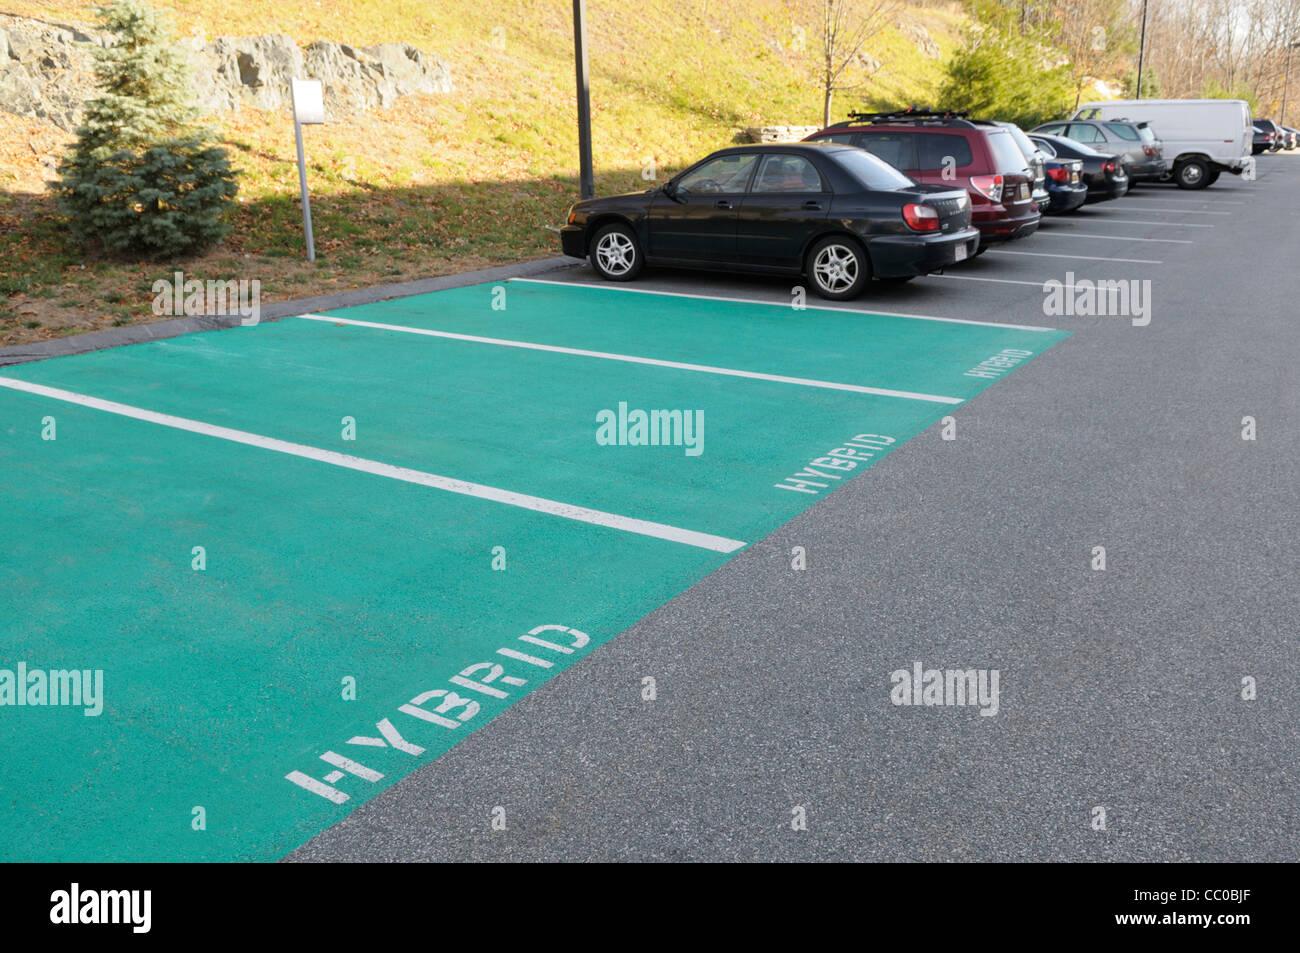 Prefería plazas reservadas para el gas-eléctrico de automóviles híbridos en un hotel ecológico Imagen De Stock